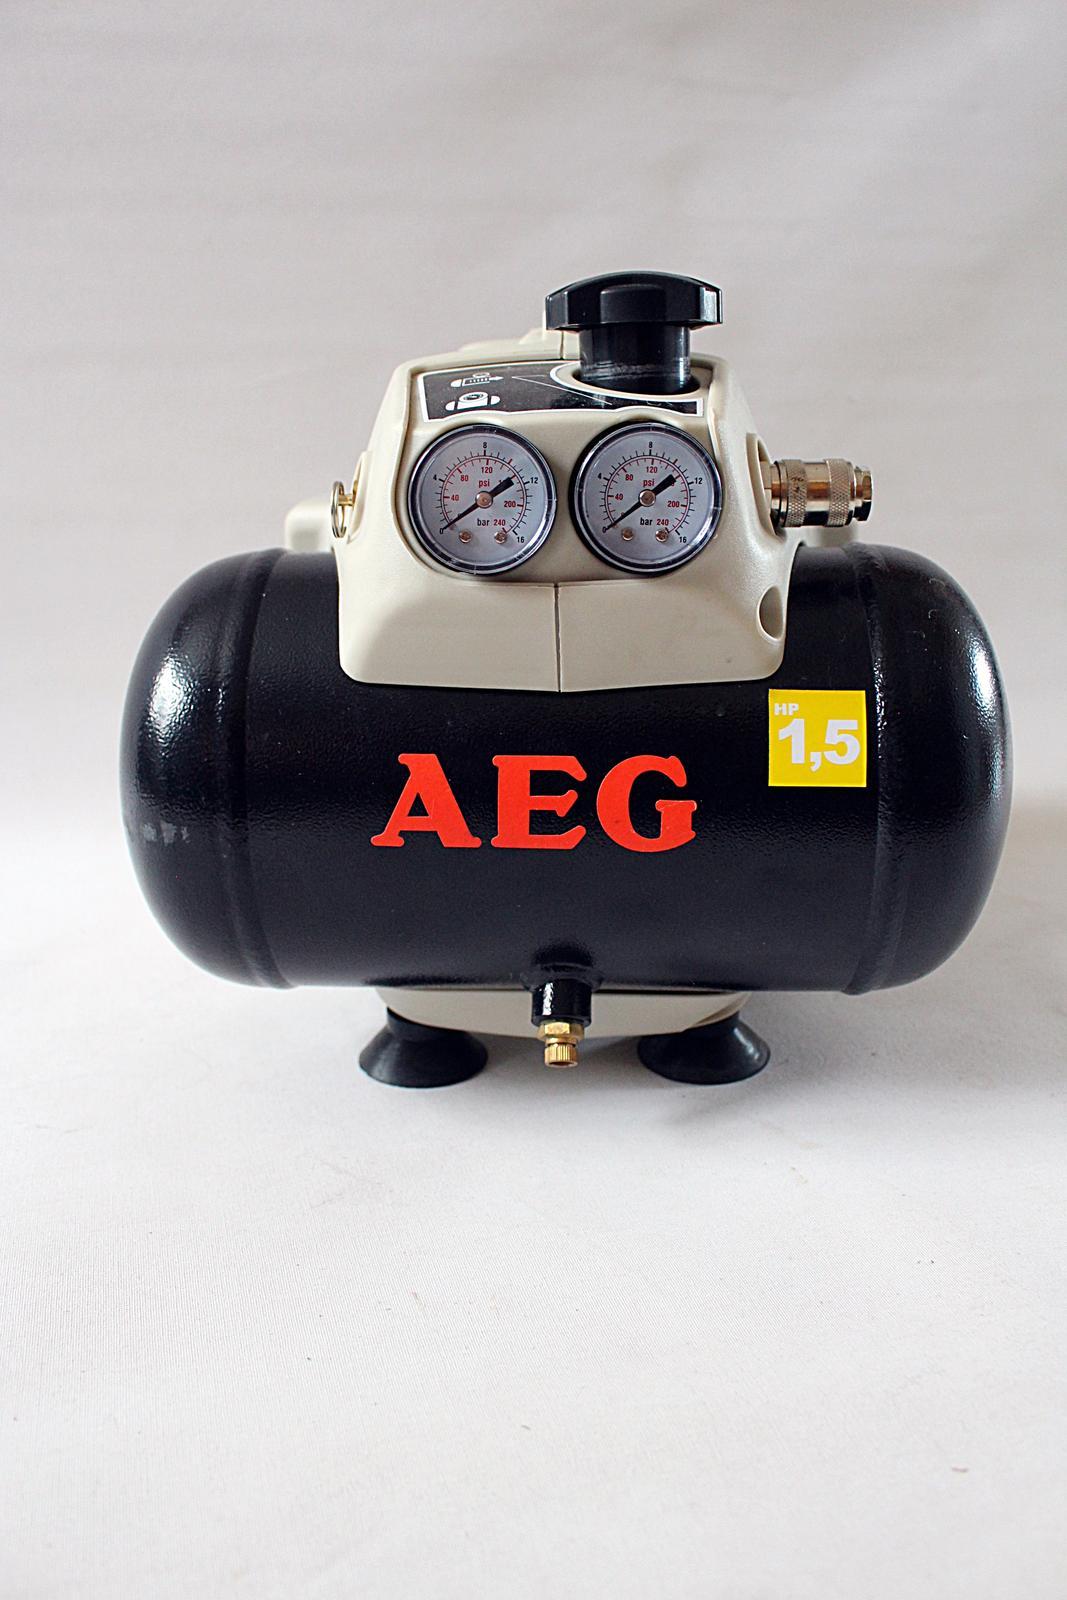 Přenosný kompresor AEG 8 bar - Obrázek č. 1